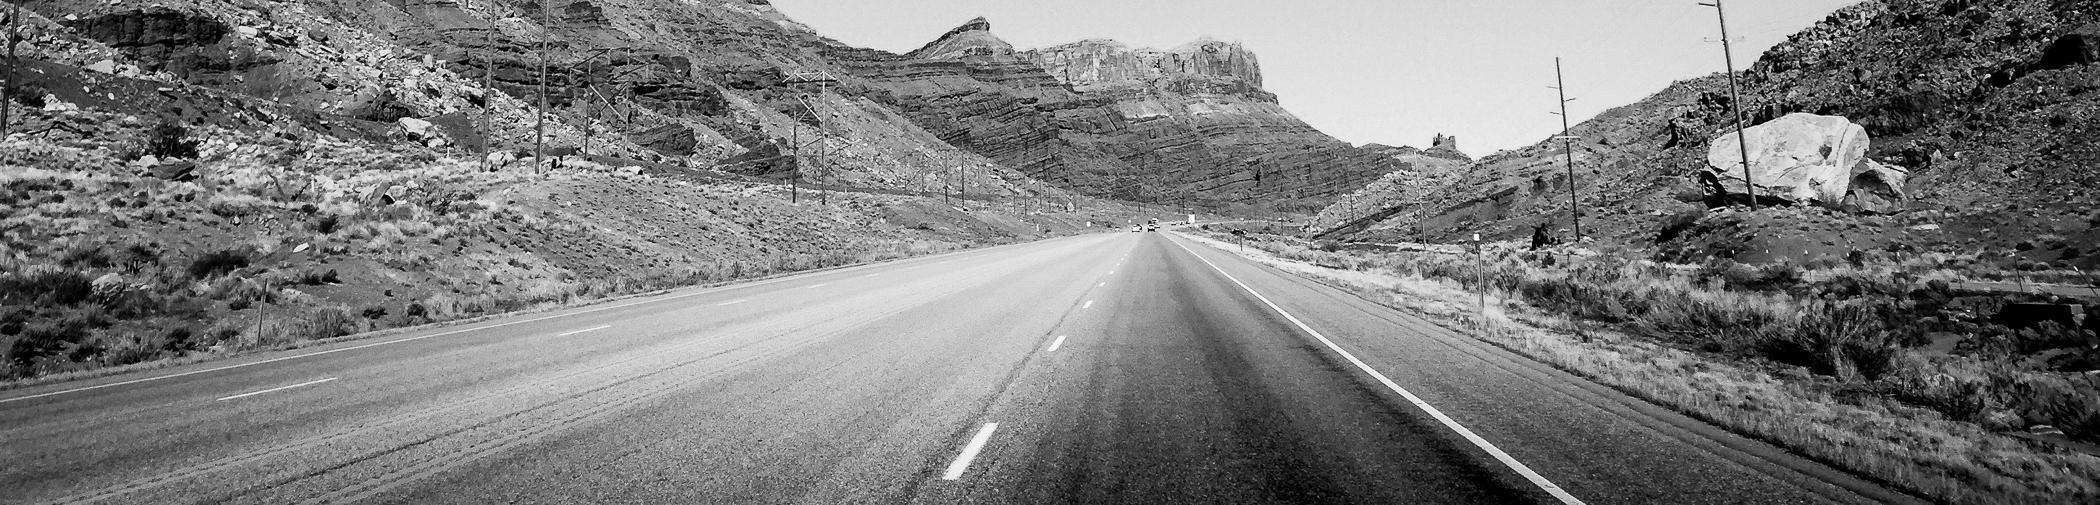 Utah_Highway_BW-.jpg